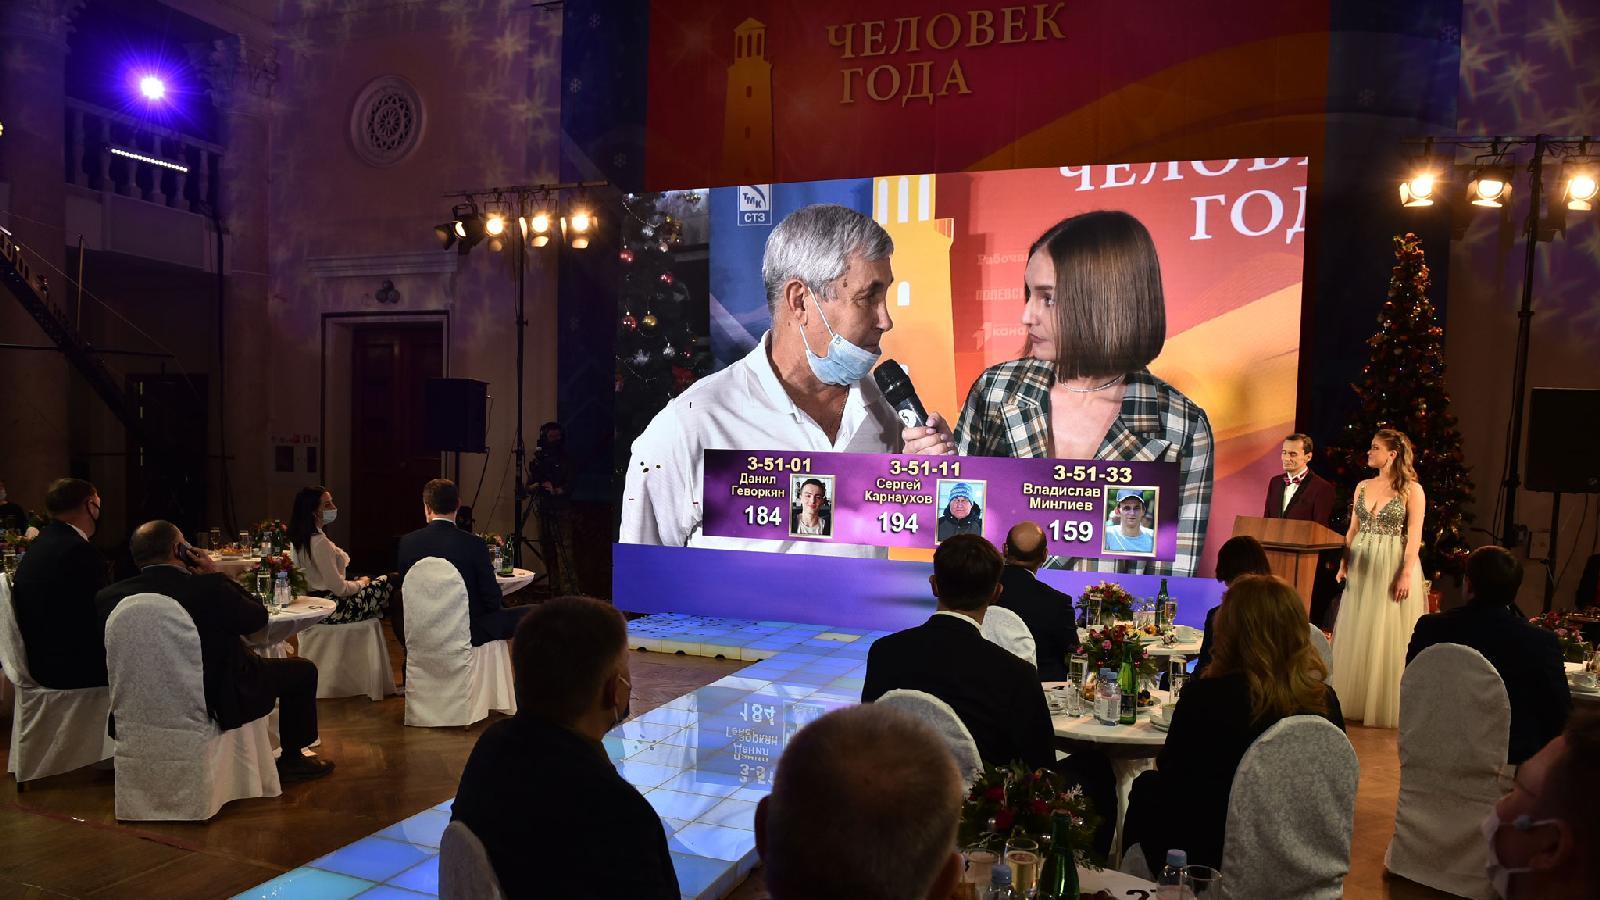 «Рабочая правда» провела конкурс «Человек года» в восьмой раз. Церемонию транслировали в прямом эфире ТРК «11 канал» и сайт «Полевской24.рф». 17 декабря 2020 года